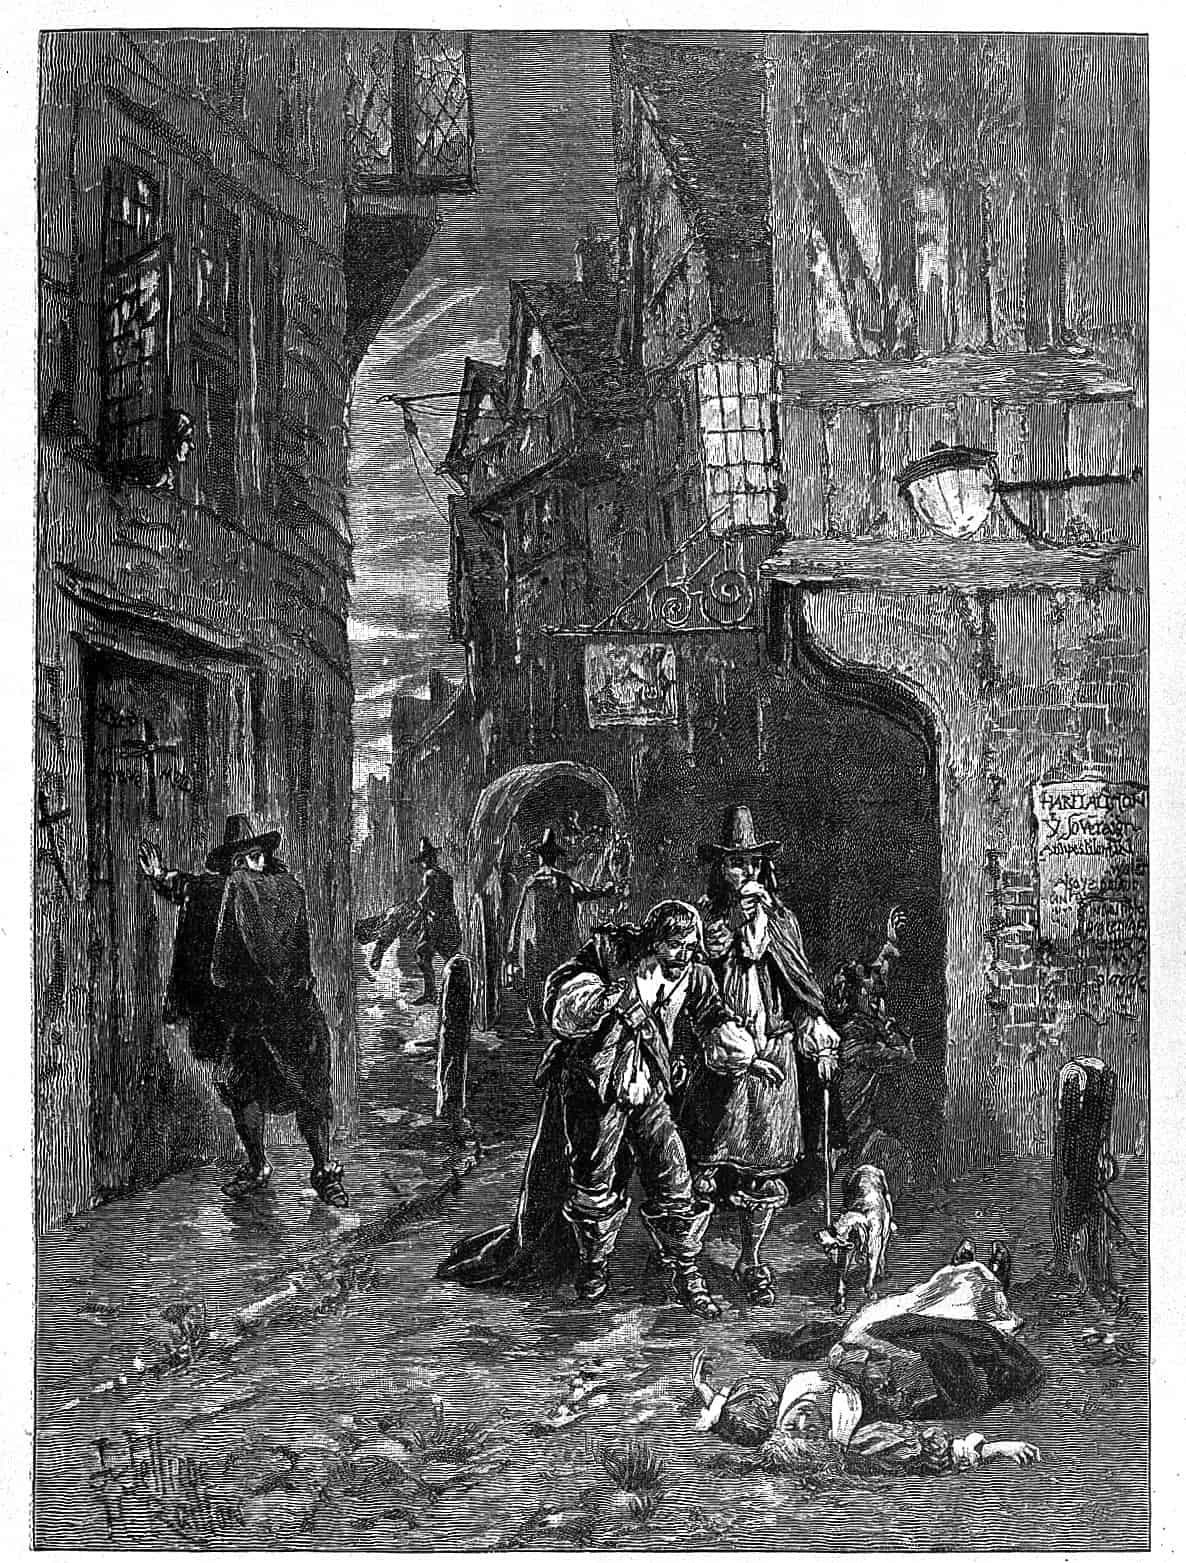 رسم تخيلي يجسد انتشار جثث الموتى بشوارع لندن